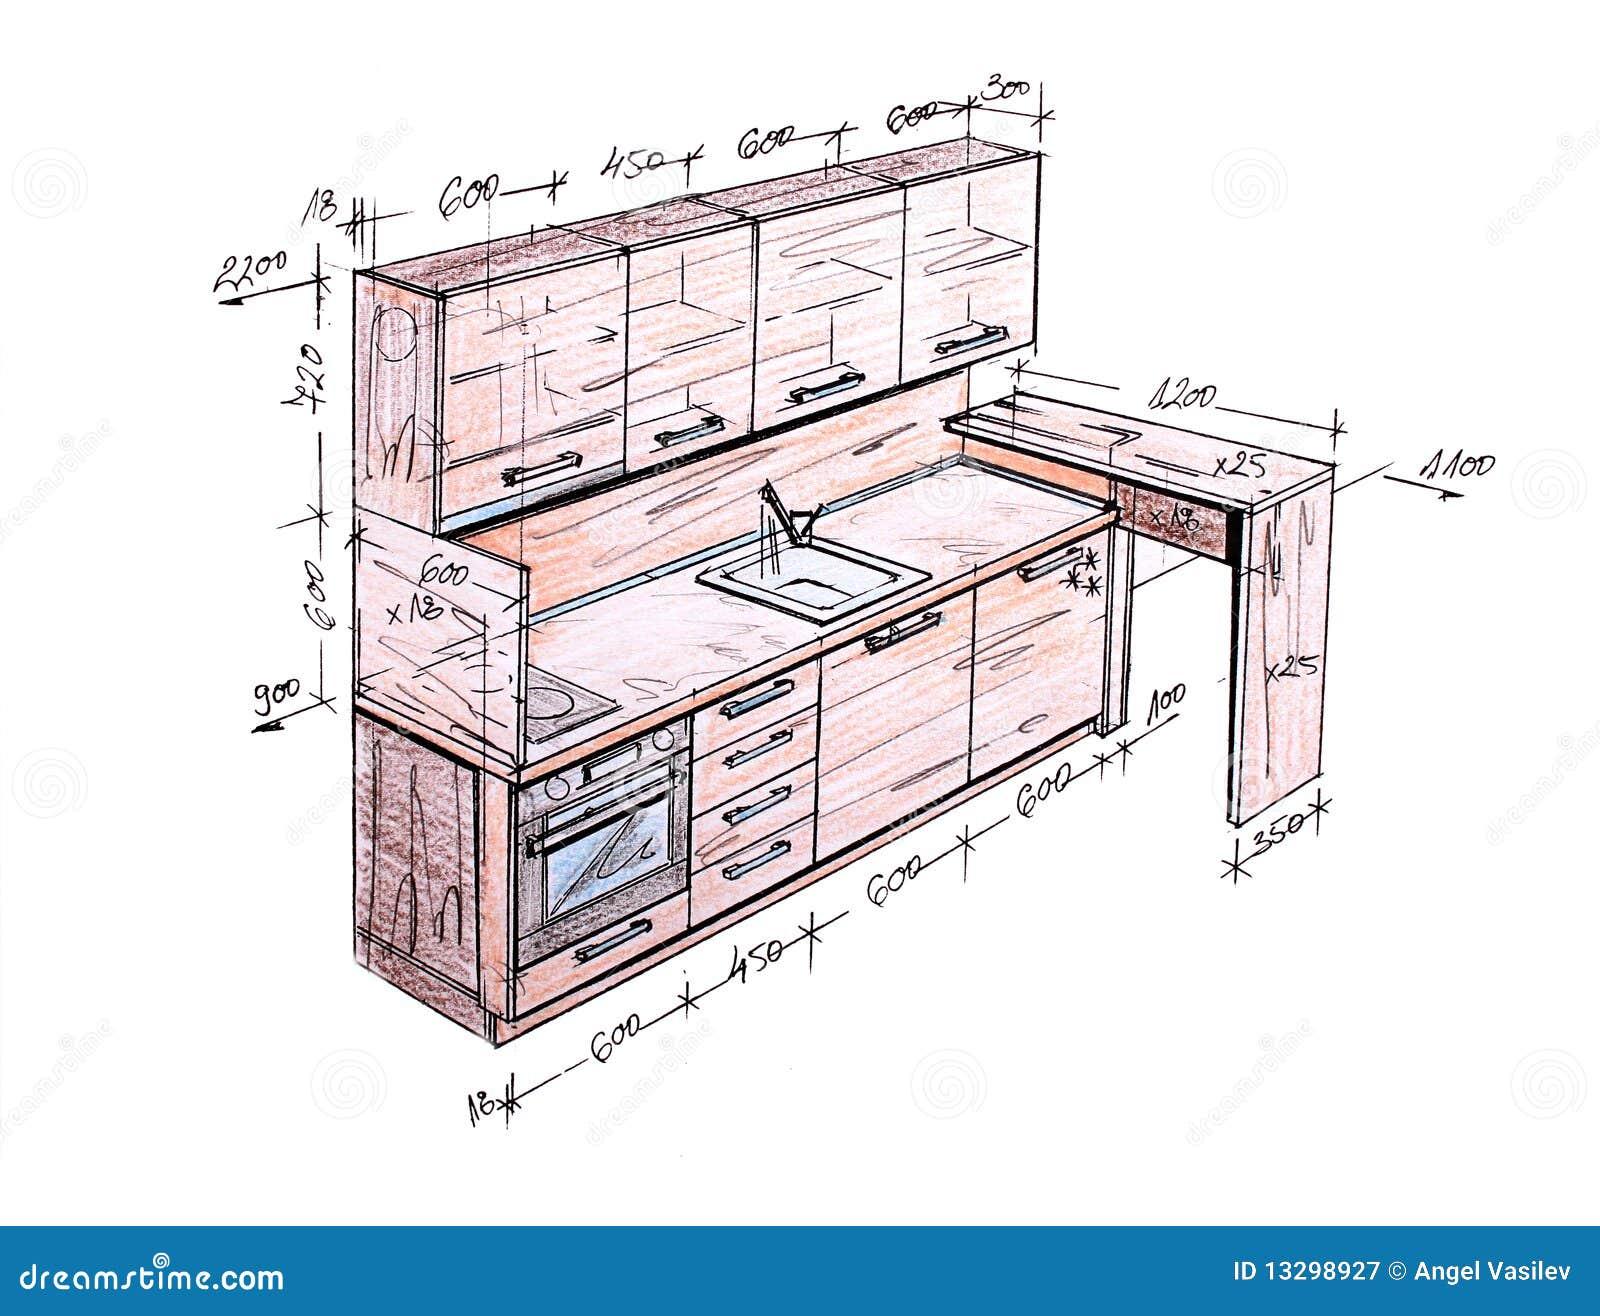 Free: Desenho moderno da carta branca da cozinha do projeto interior #82A328 1300 1086